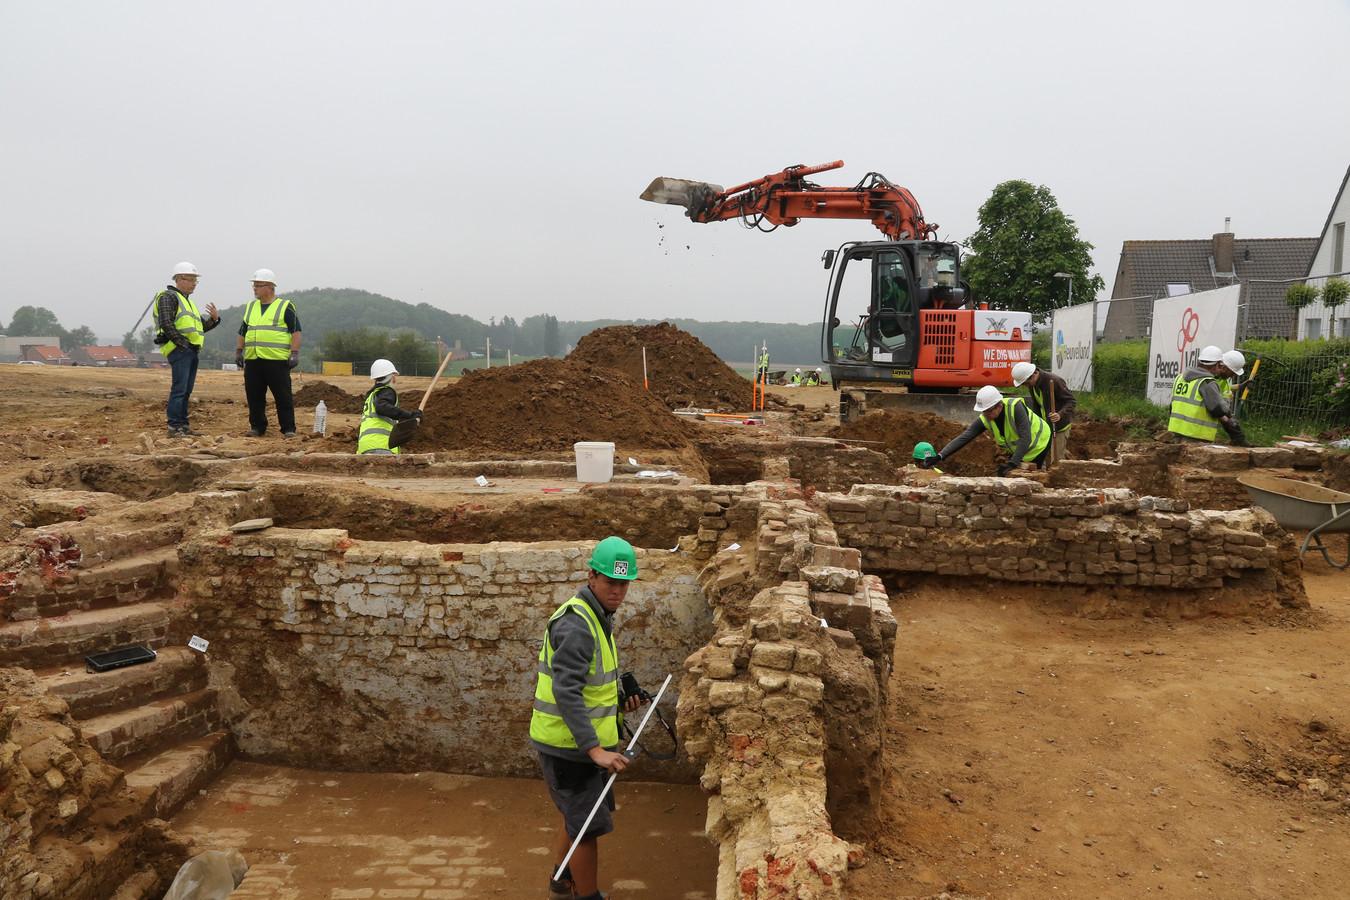 Bij de archeologische werken op Hill 80 in Wijtschate werden ruim 100 stoffelijke resten van gesneuvelde soldaten gevonden. Voor hen wordt nu een herdenkingsconcert georganiseerd.